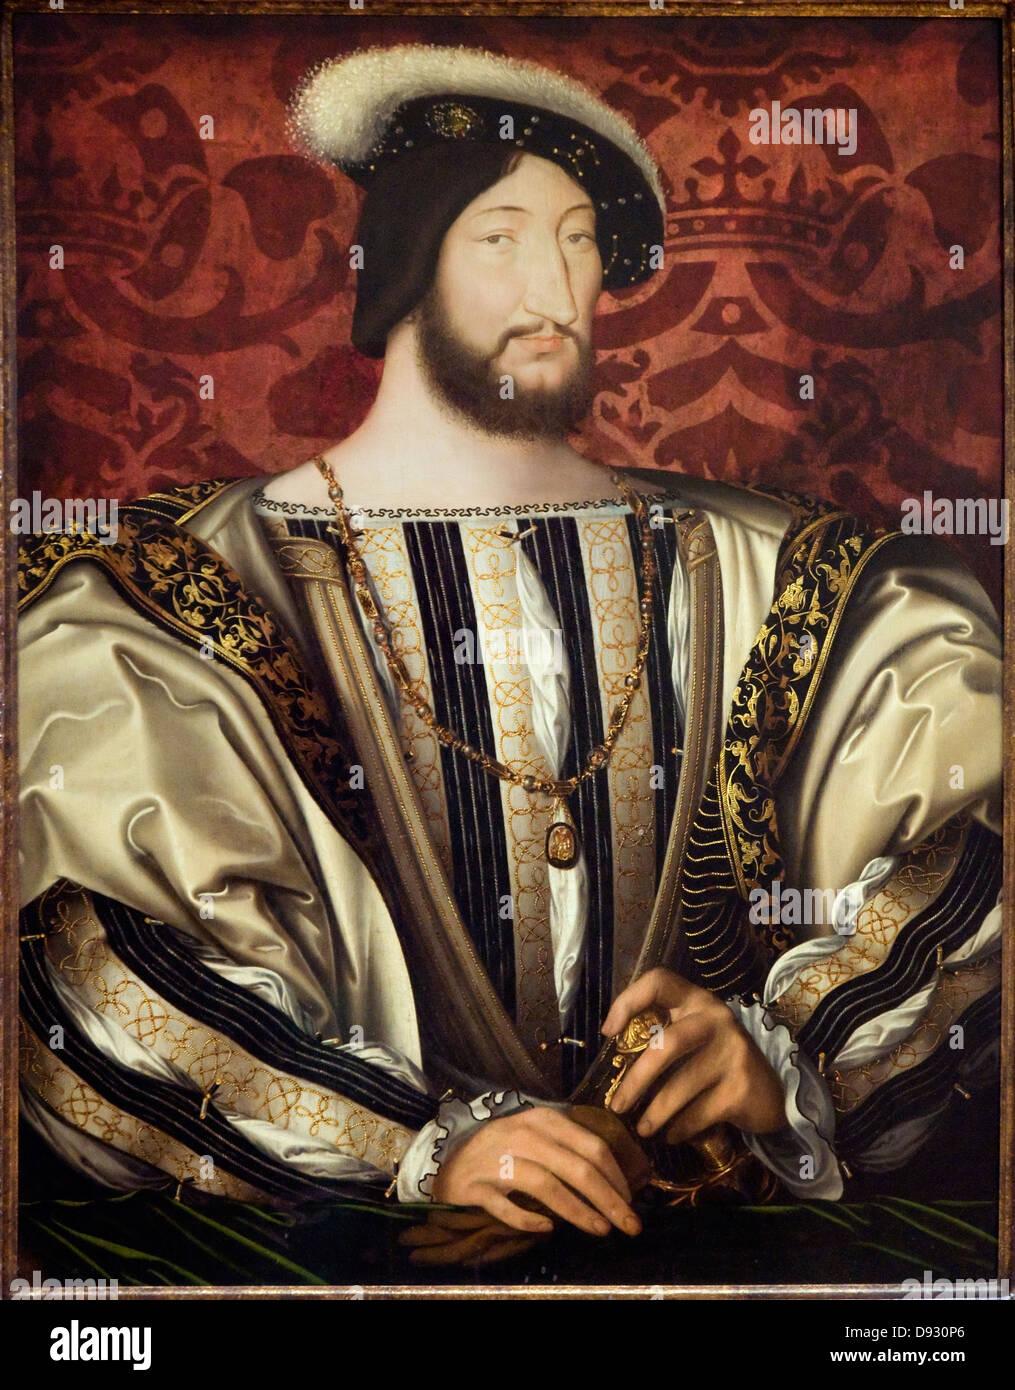 Jean Clouet François I er - Roi de France - 1530 L'école française Banque D'Images